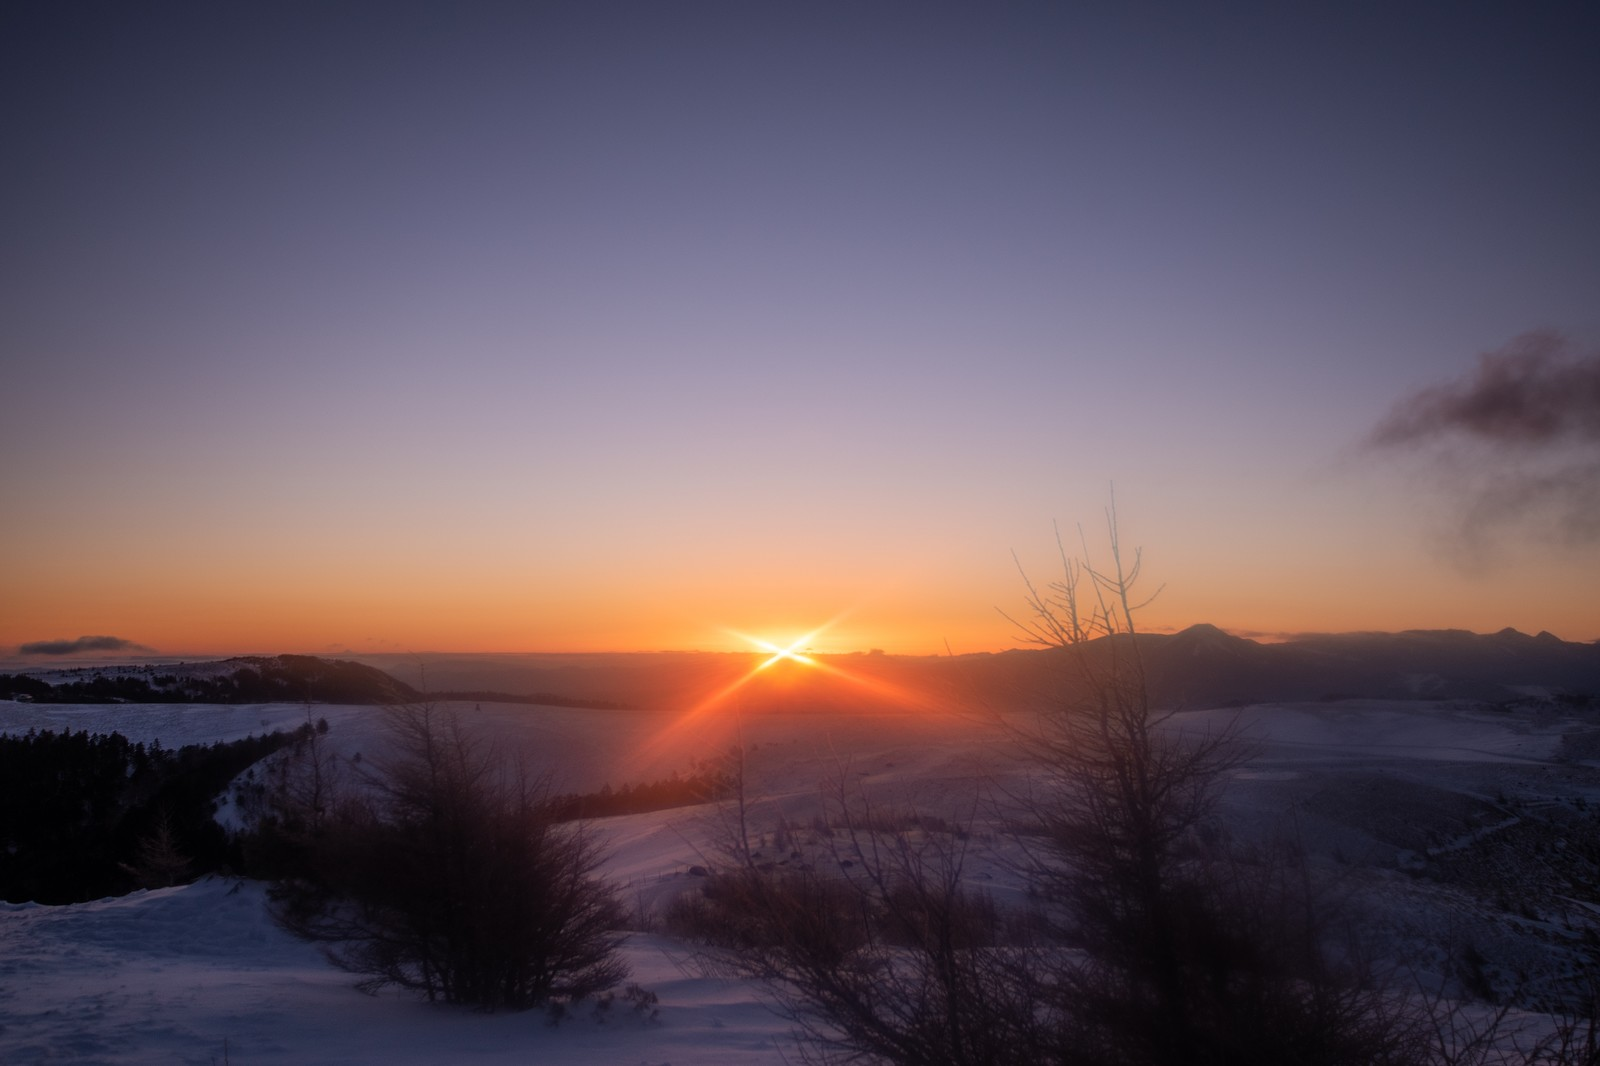 「冬の美ヶ原高原の夜明け」の写真